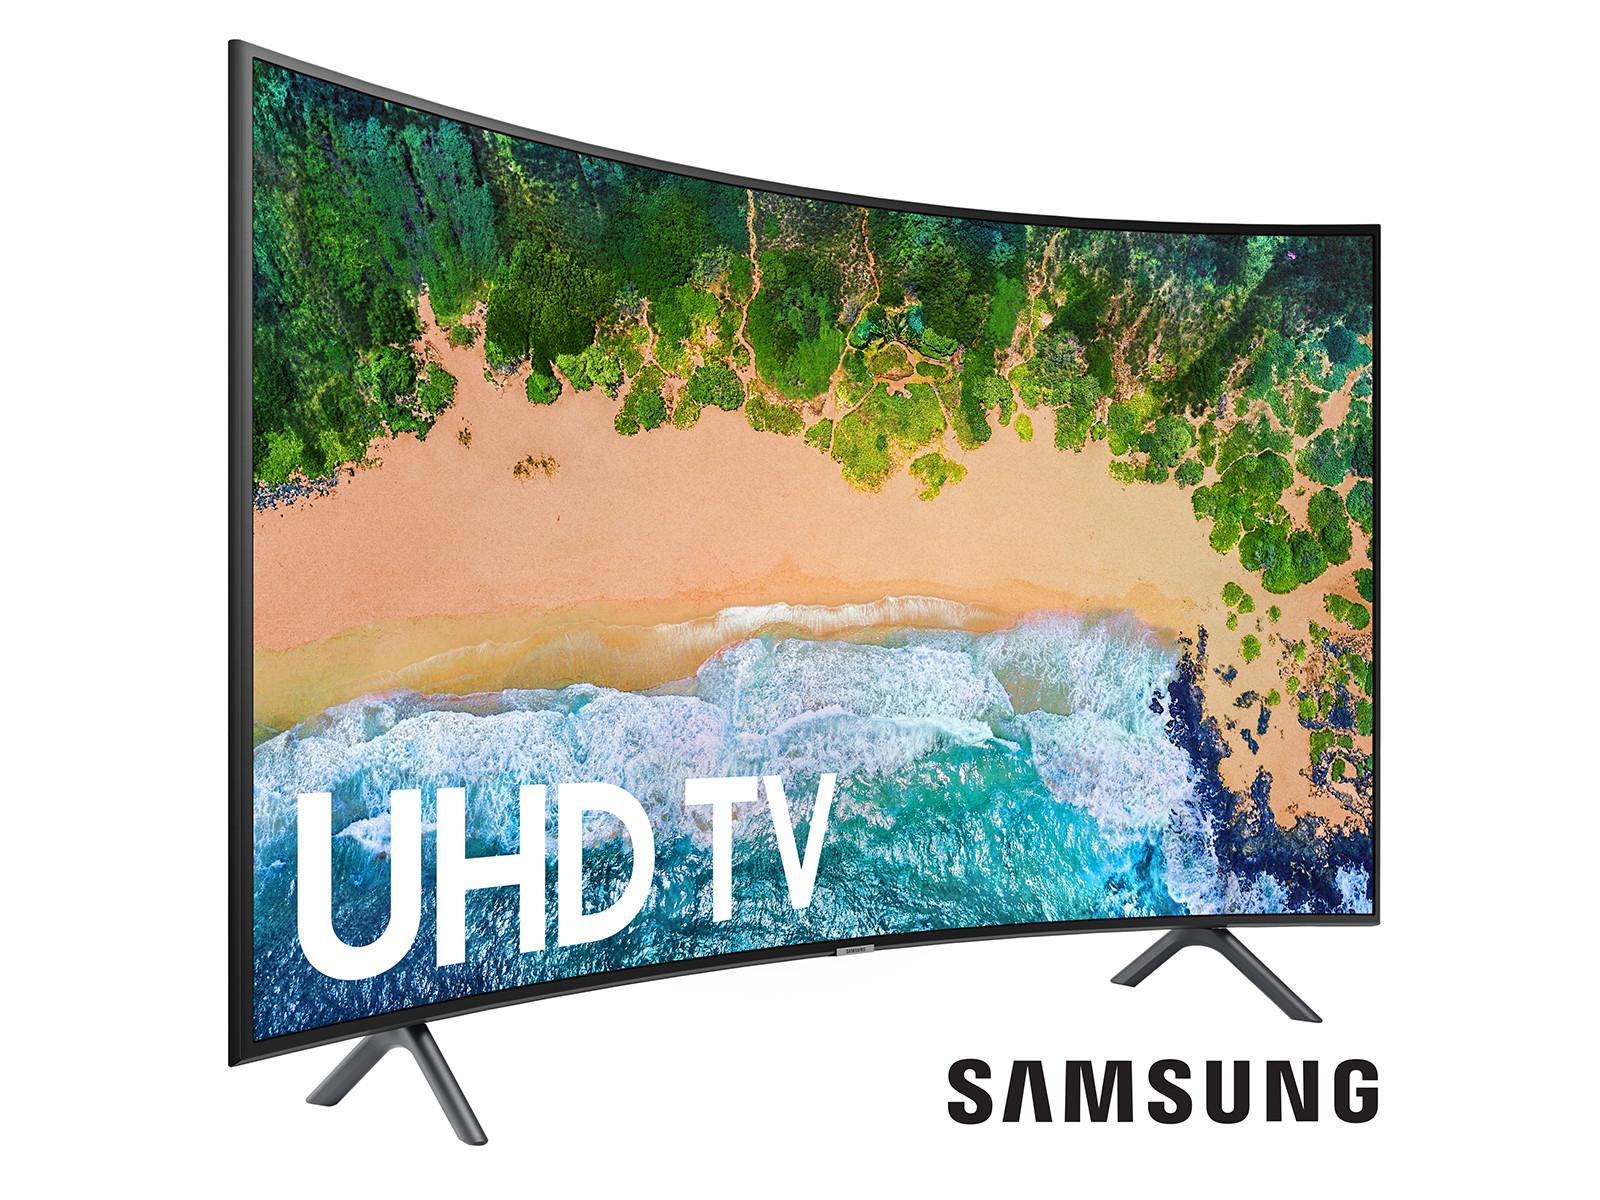 Samsung UN65NU7300 TV Review (UN55NU7300, UN55NU7300FXZA